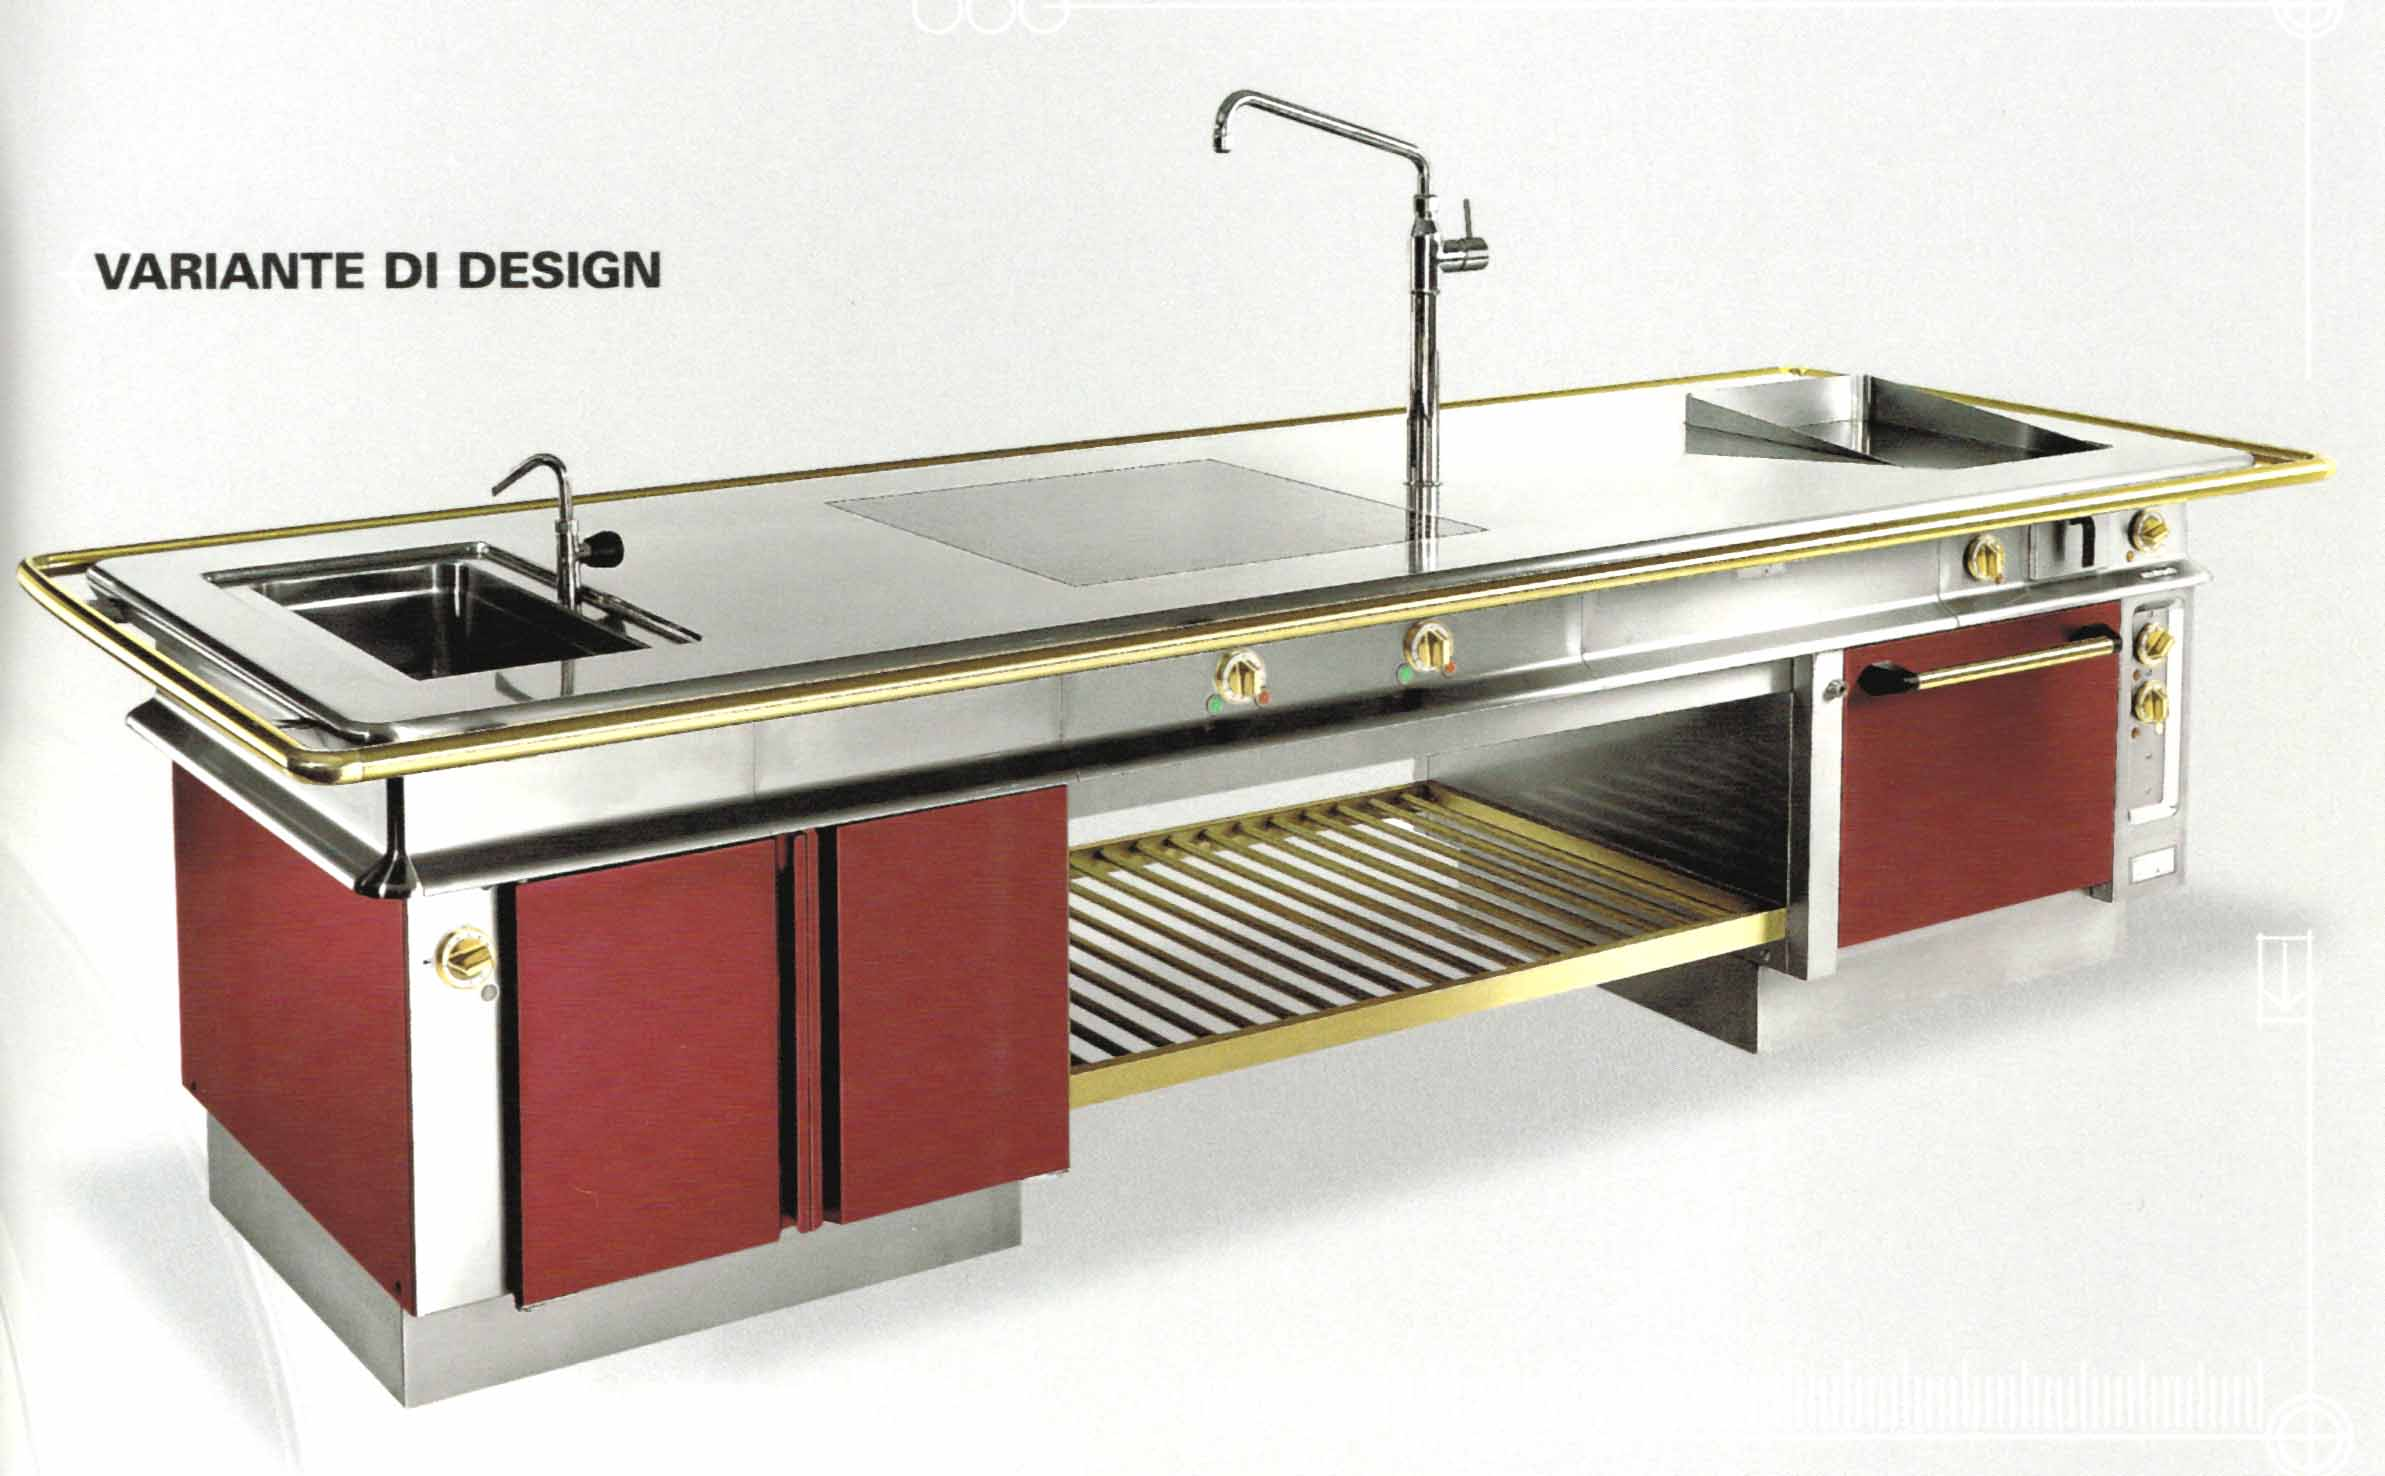 Arredamento Ristoranti Milano | Cucine Professionali Milano